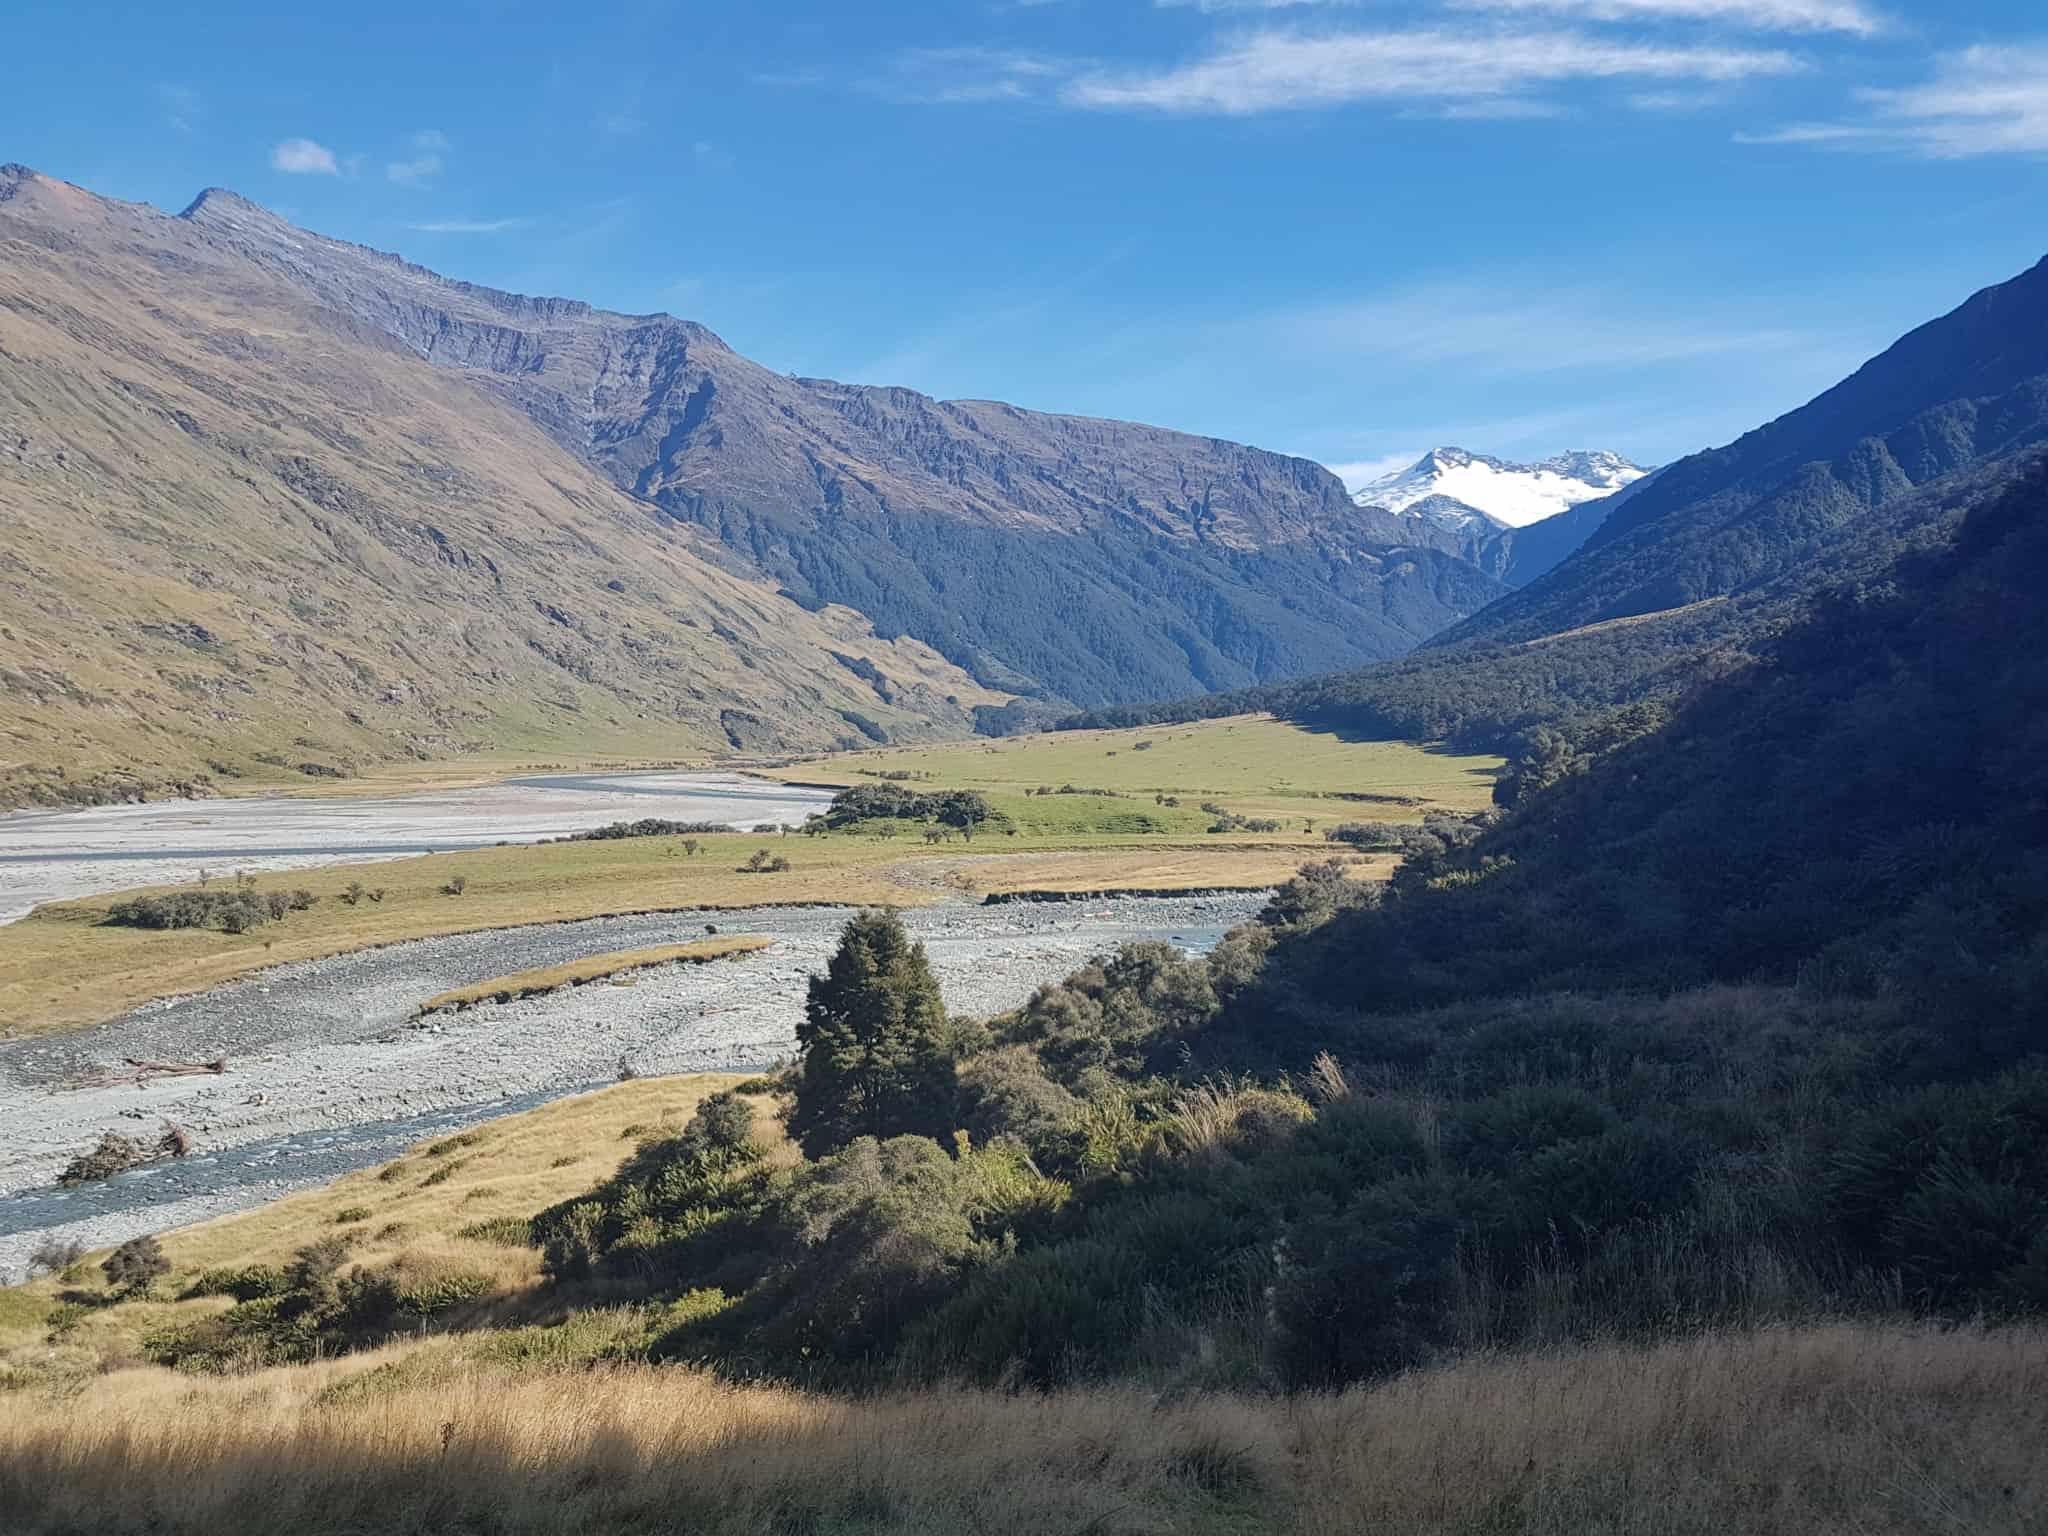 Nouvelle-Zélande, randonnée vers le Rob Roy Glacier et son sommet enneigé ❄ 7